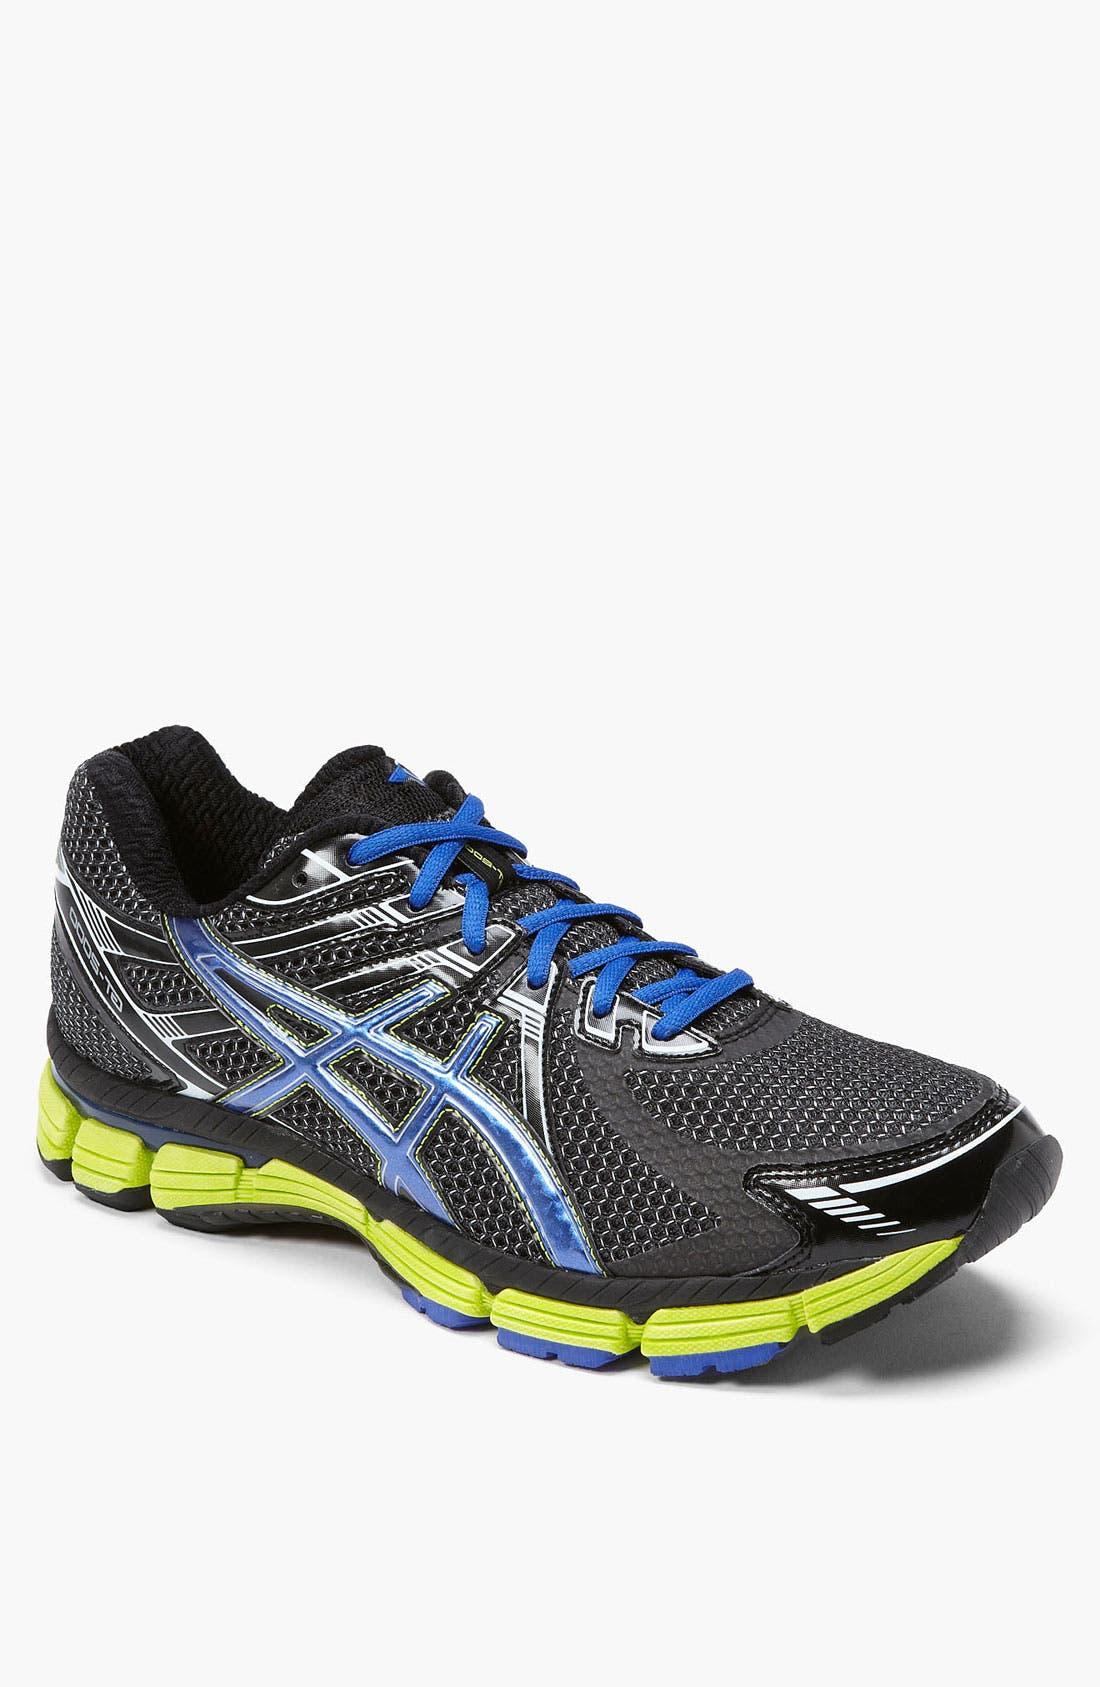 Main Image - ASICS® 'GT 2000' Running Shoe (Men)